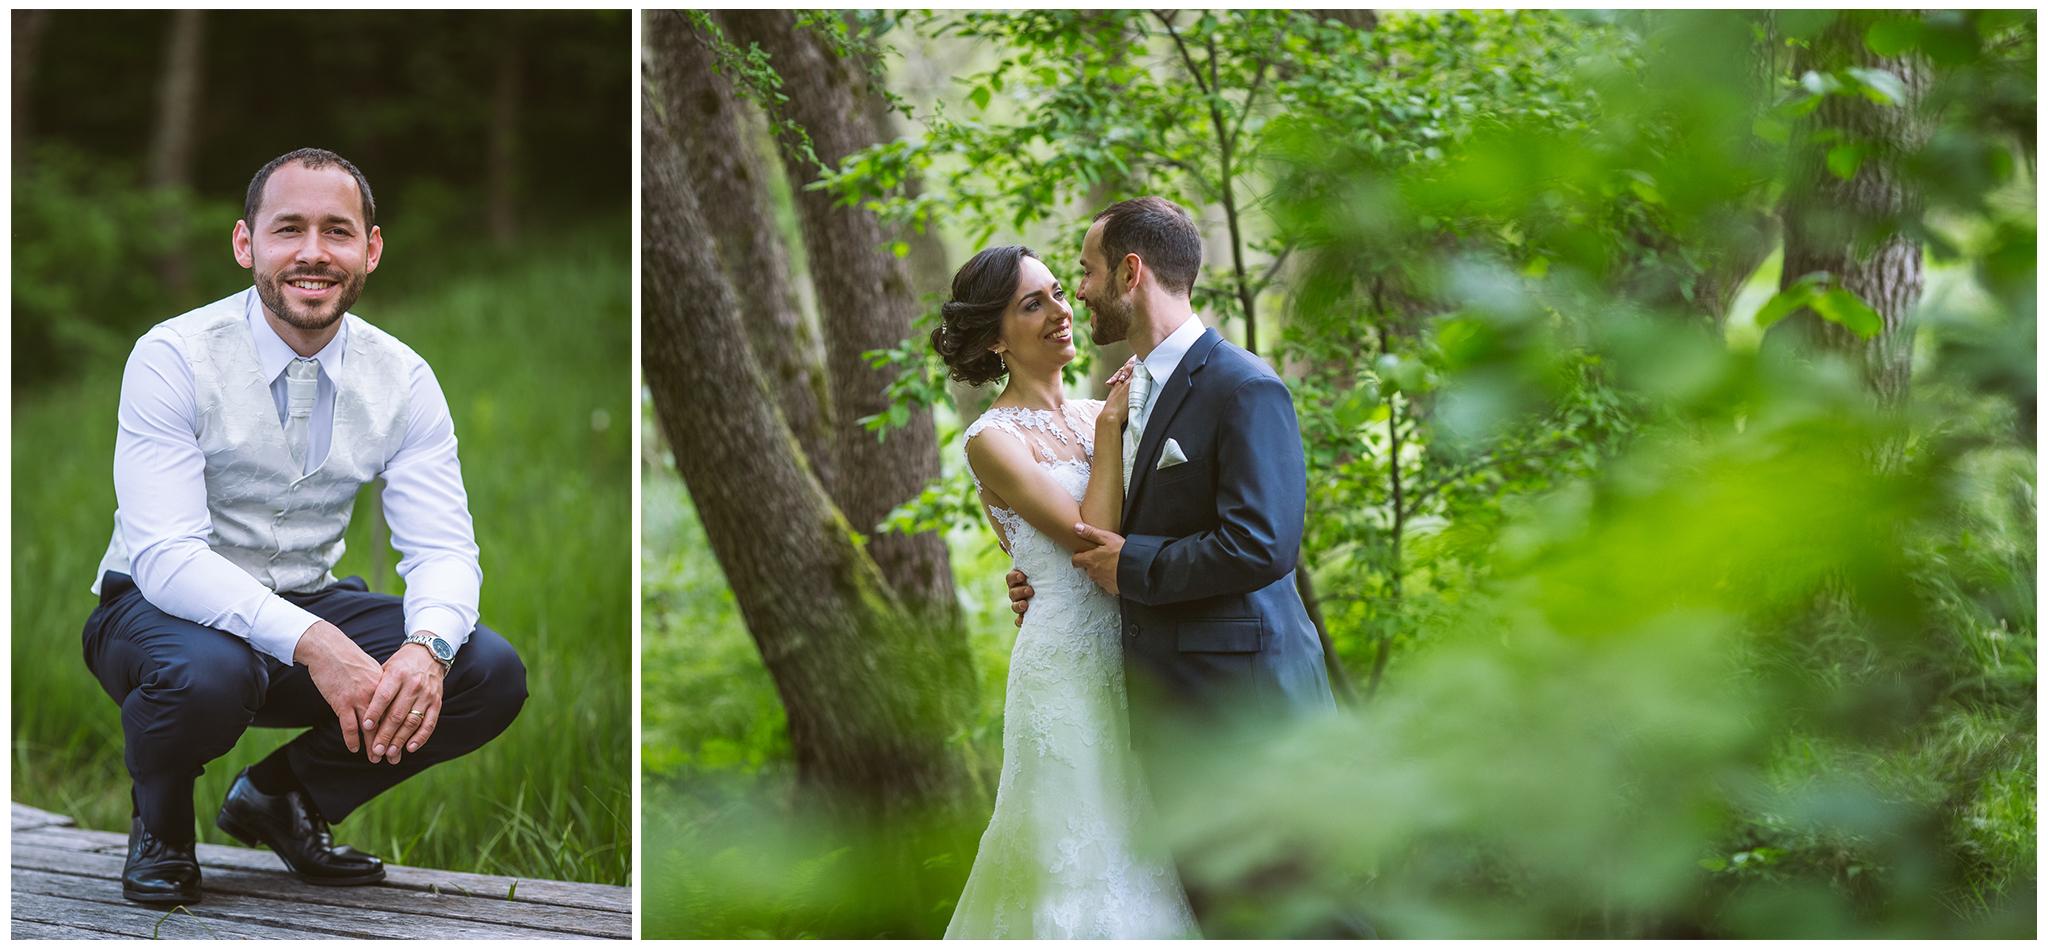 FylepPhoto, esküvőfotós, esküvői fotós Körmend, Szombathely, esküvőfotózás, magyarország, vas megye, prémium, jegyesfotózás, Fülöp Péter, körmend, kreatív, fotográfus_004.jpg